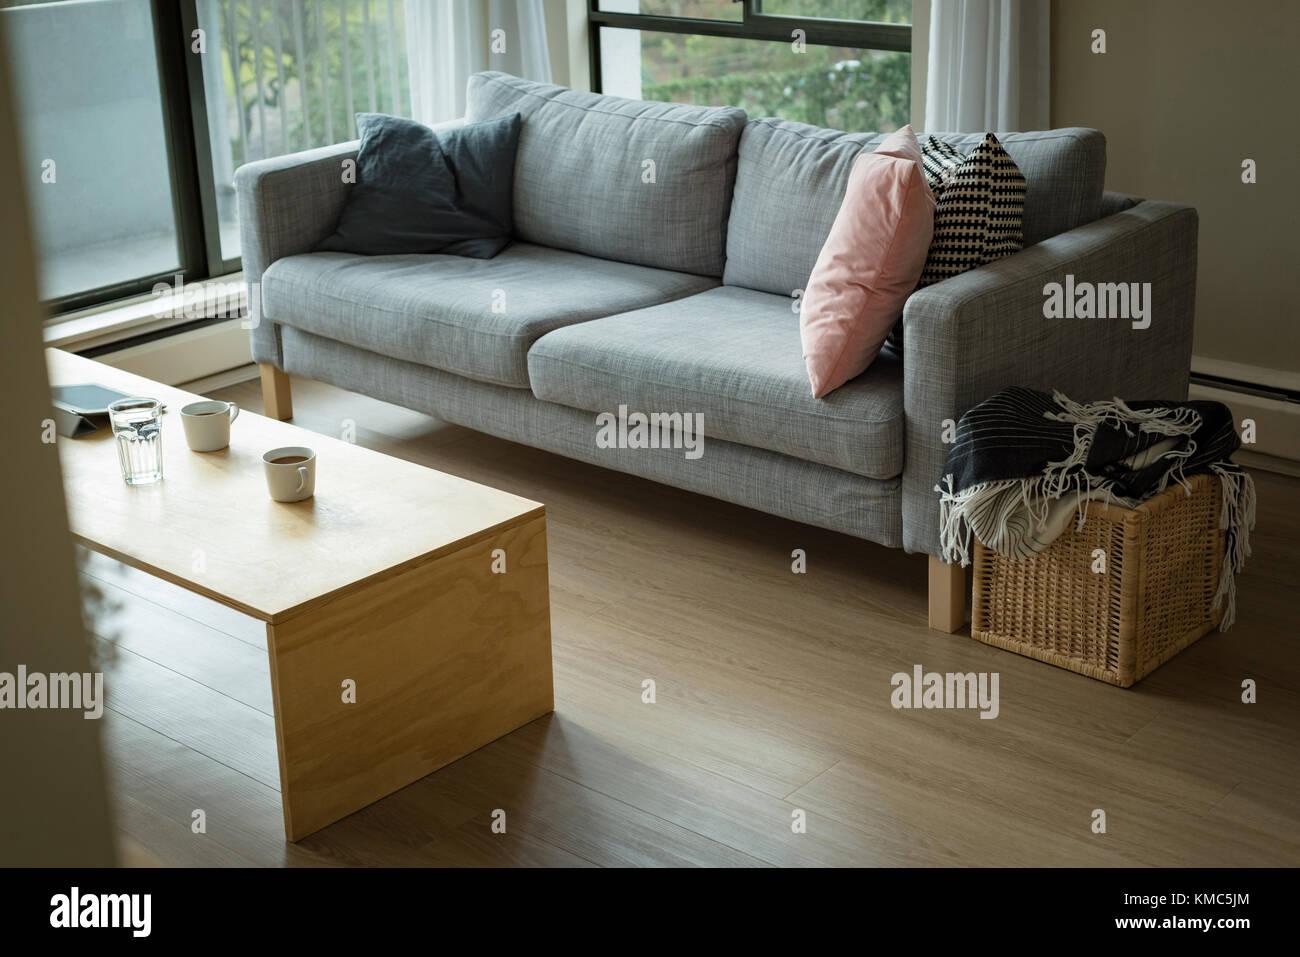 Salle de séjour avec canapé et table à la maison Photo Stock